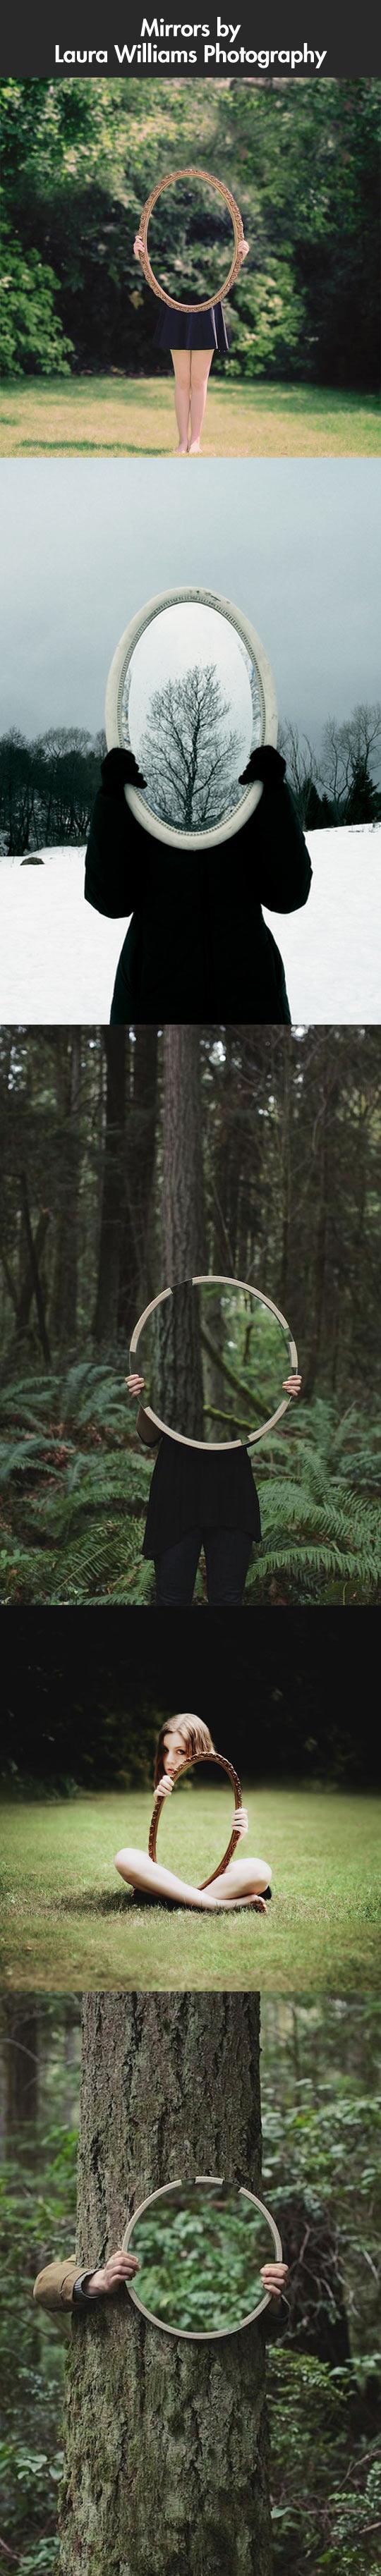 Fun With Mirrors